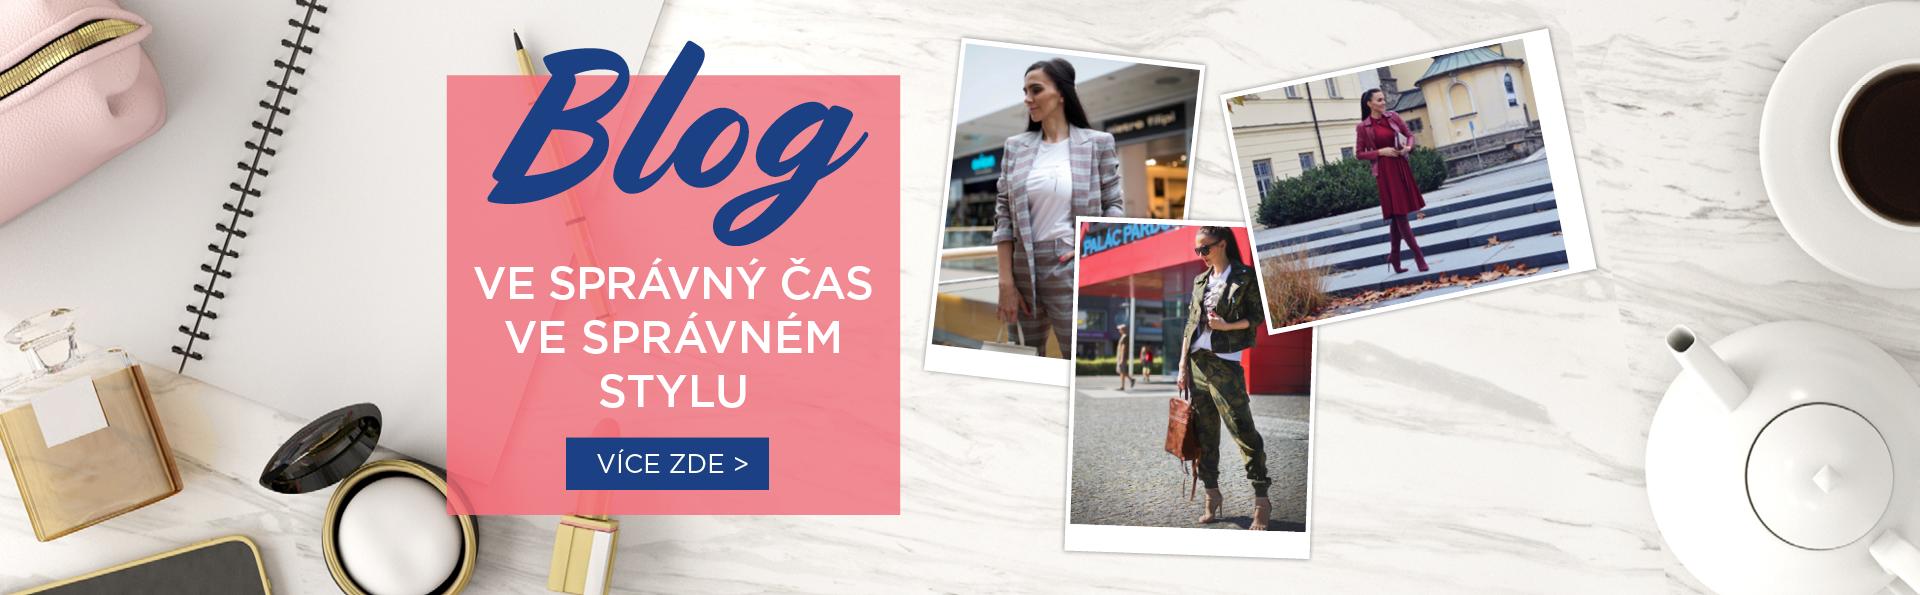 Představujeme vám nový inspirativní módní blog